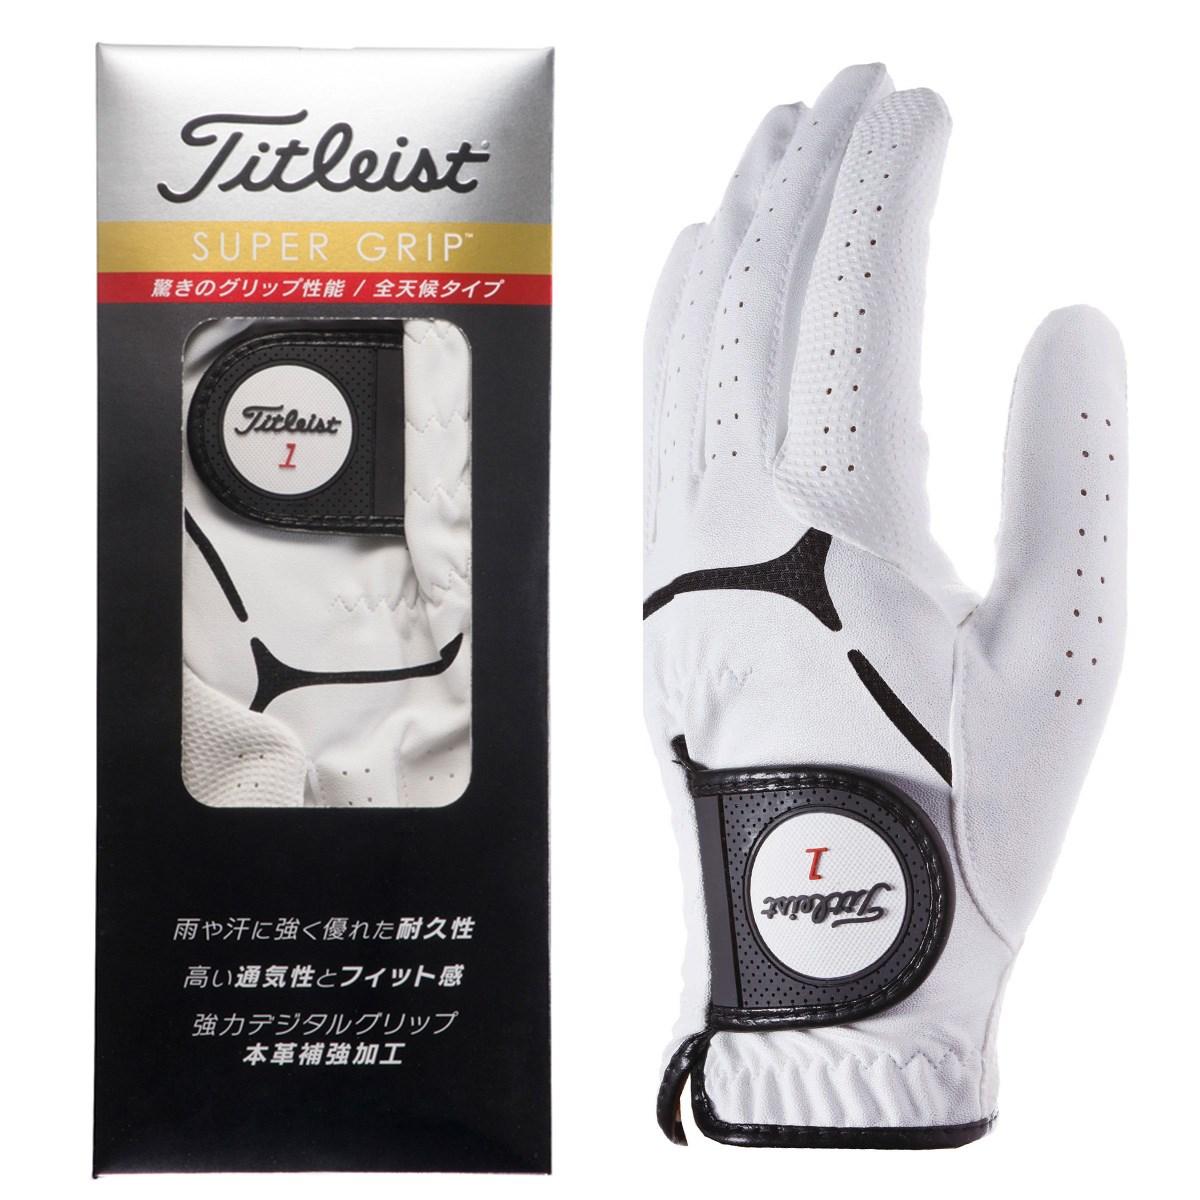 タイトリスト TITLEIST スーパーグリップ グローブ 24cm 左手着用(右利き用) ホワイト